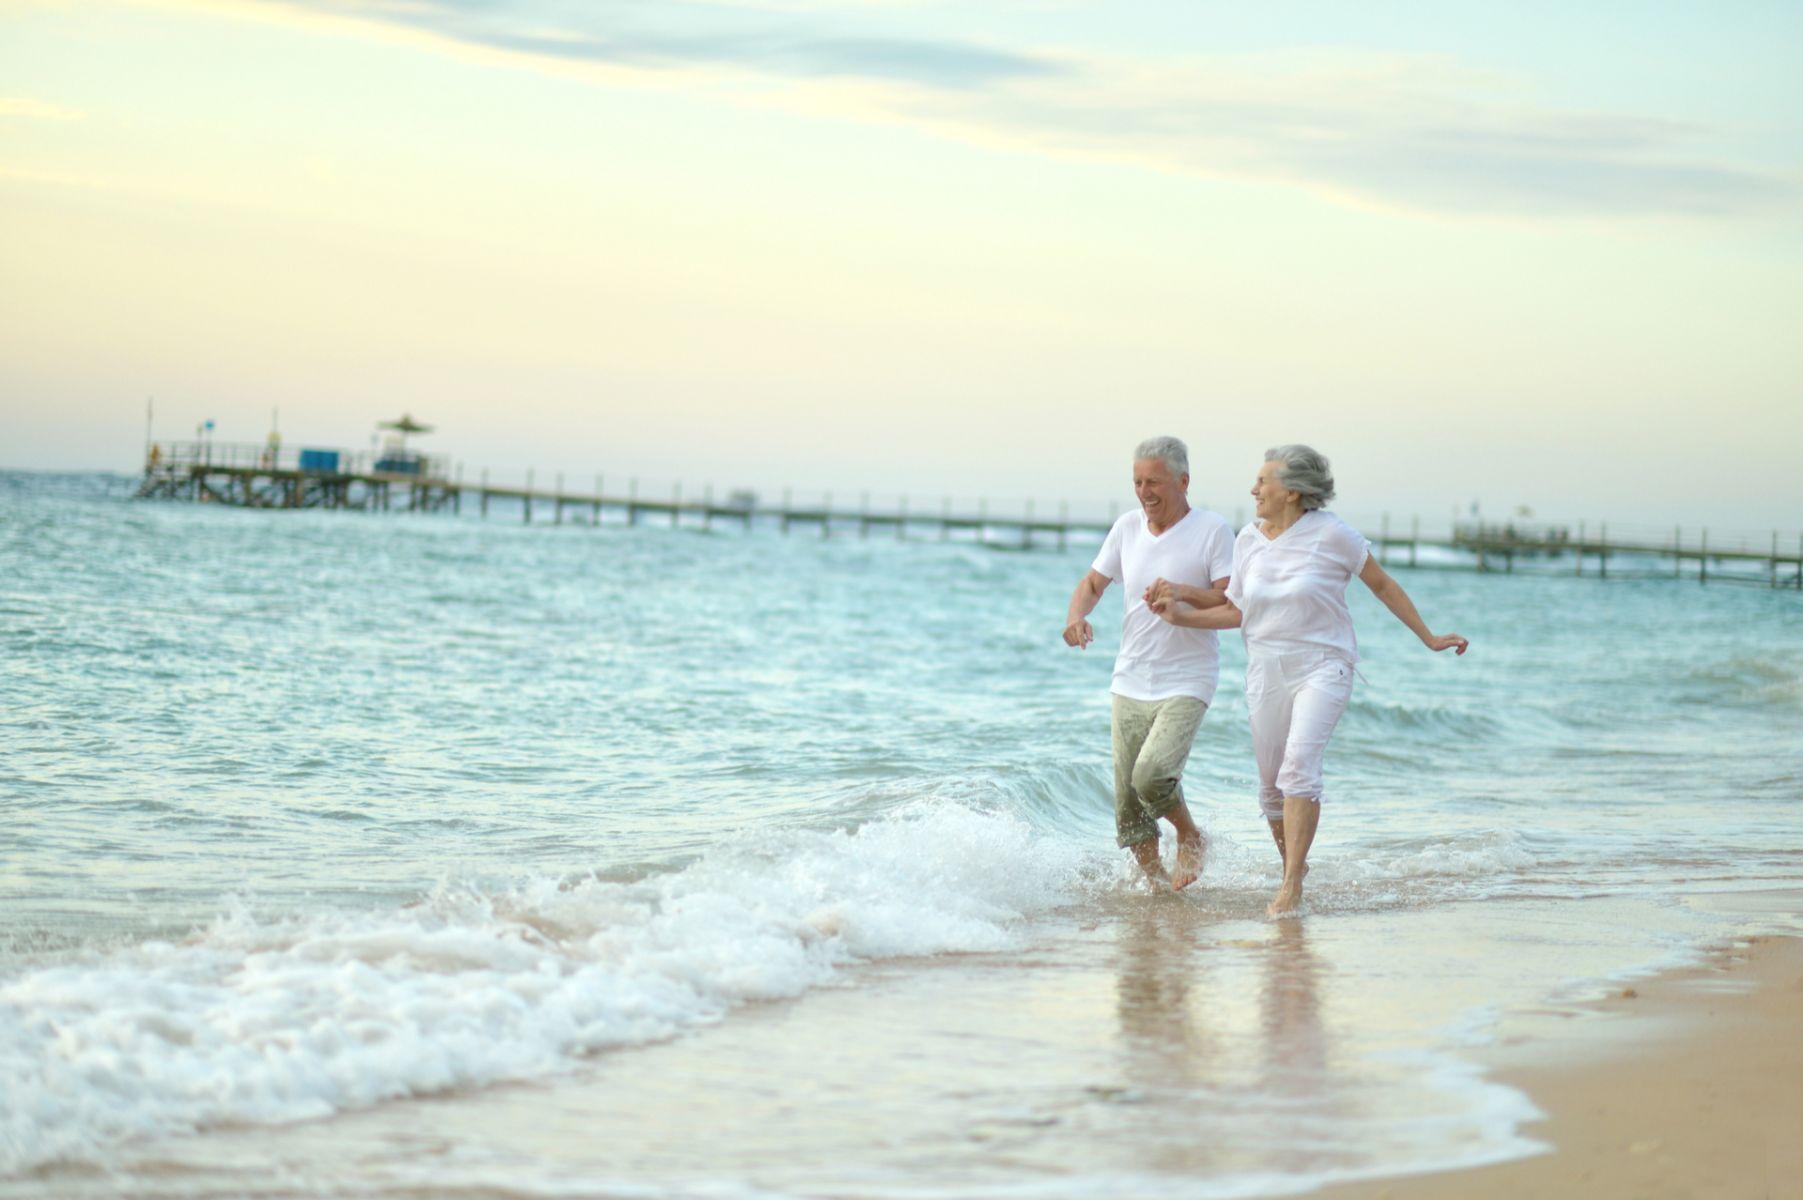 病了、老了就不能享受自由?她照樣帶失智丈夫上路旅行!